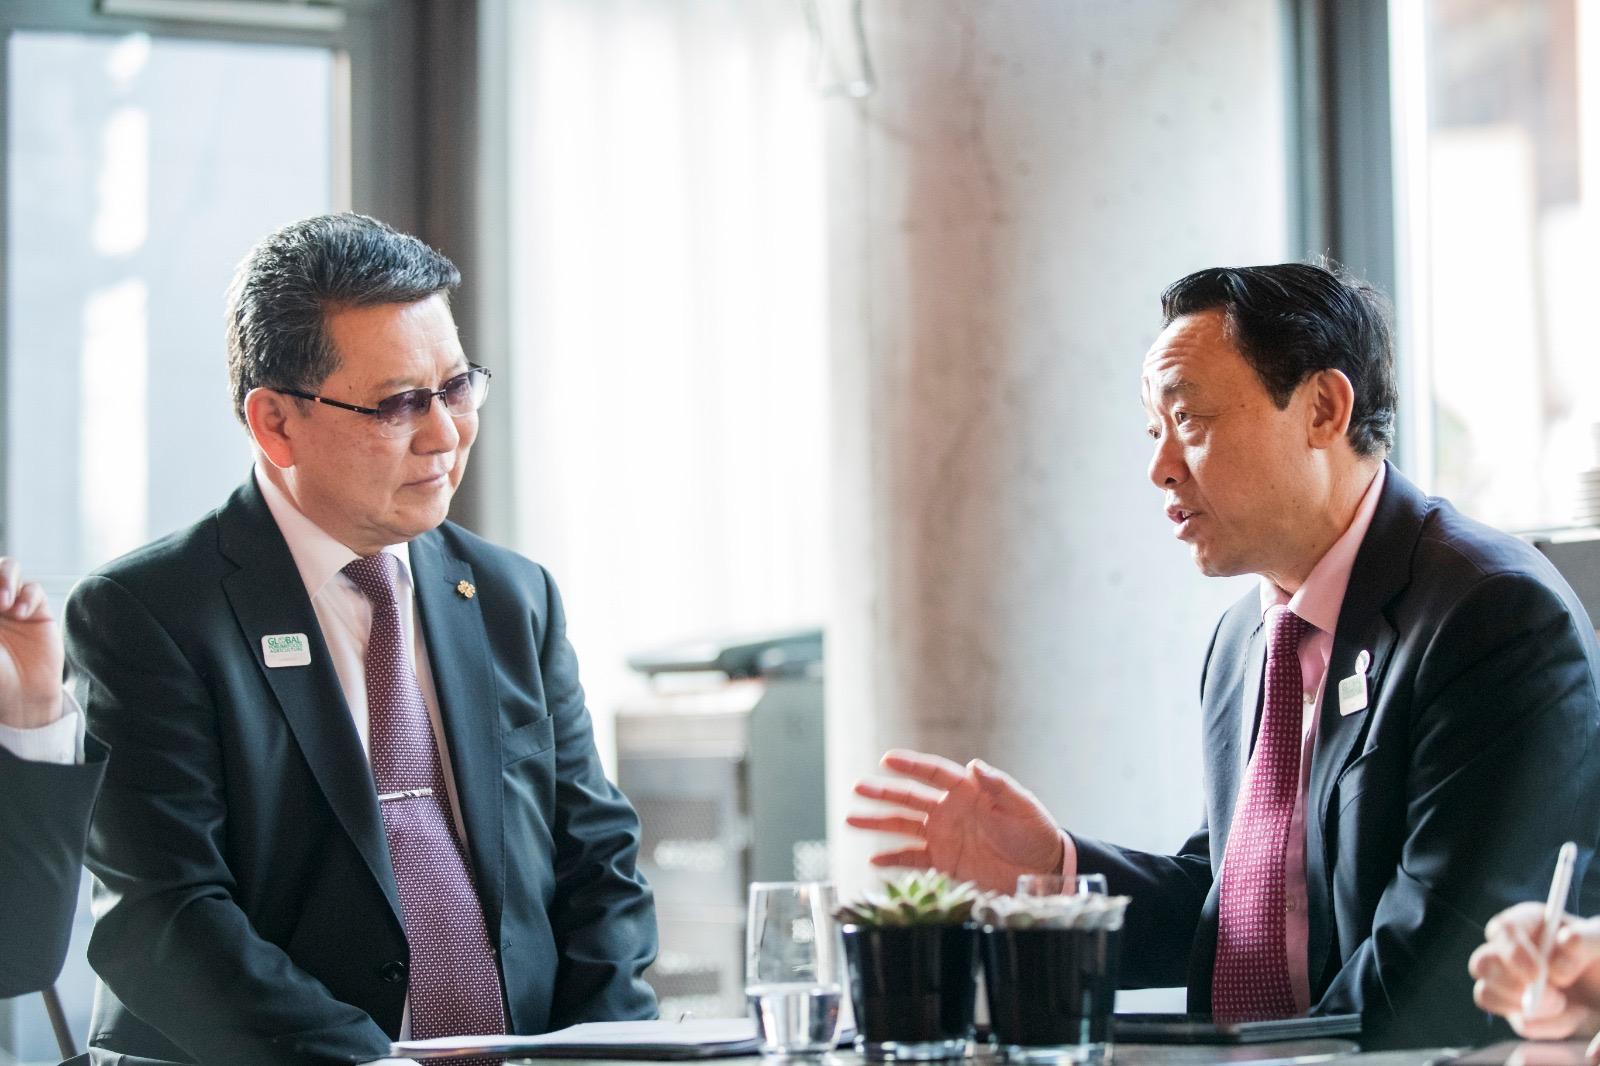 Ч.Улаан сайд НҮБ-ын Хүнс, хөдөө аж ахуйн байгууллагын Ерөнхий захирал Чю Донг Юү-тэй уулзлаа